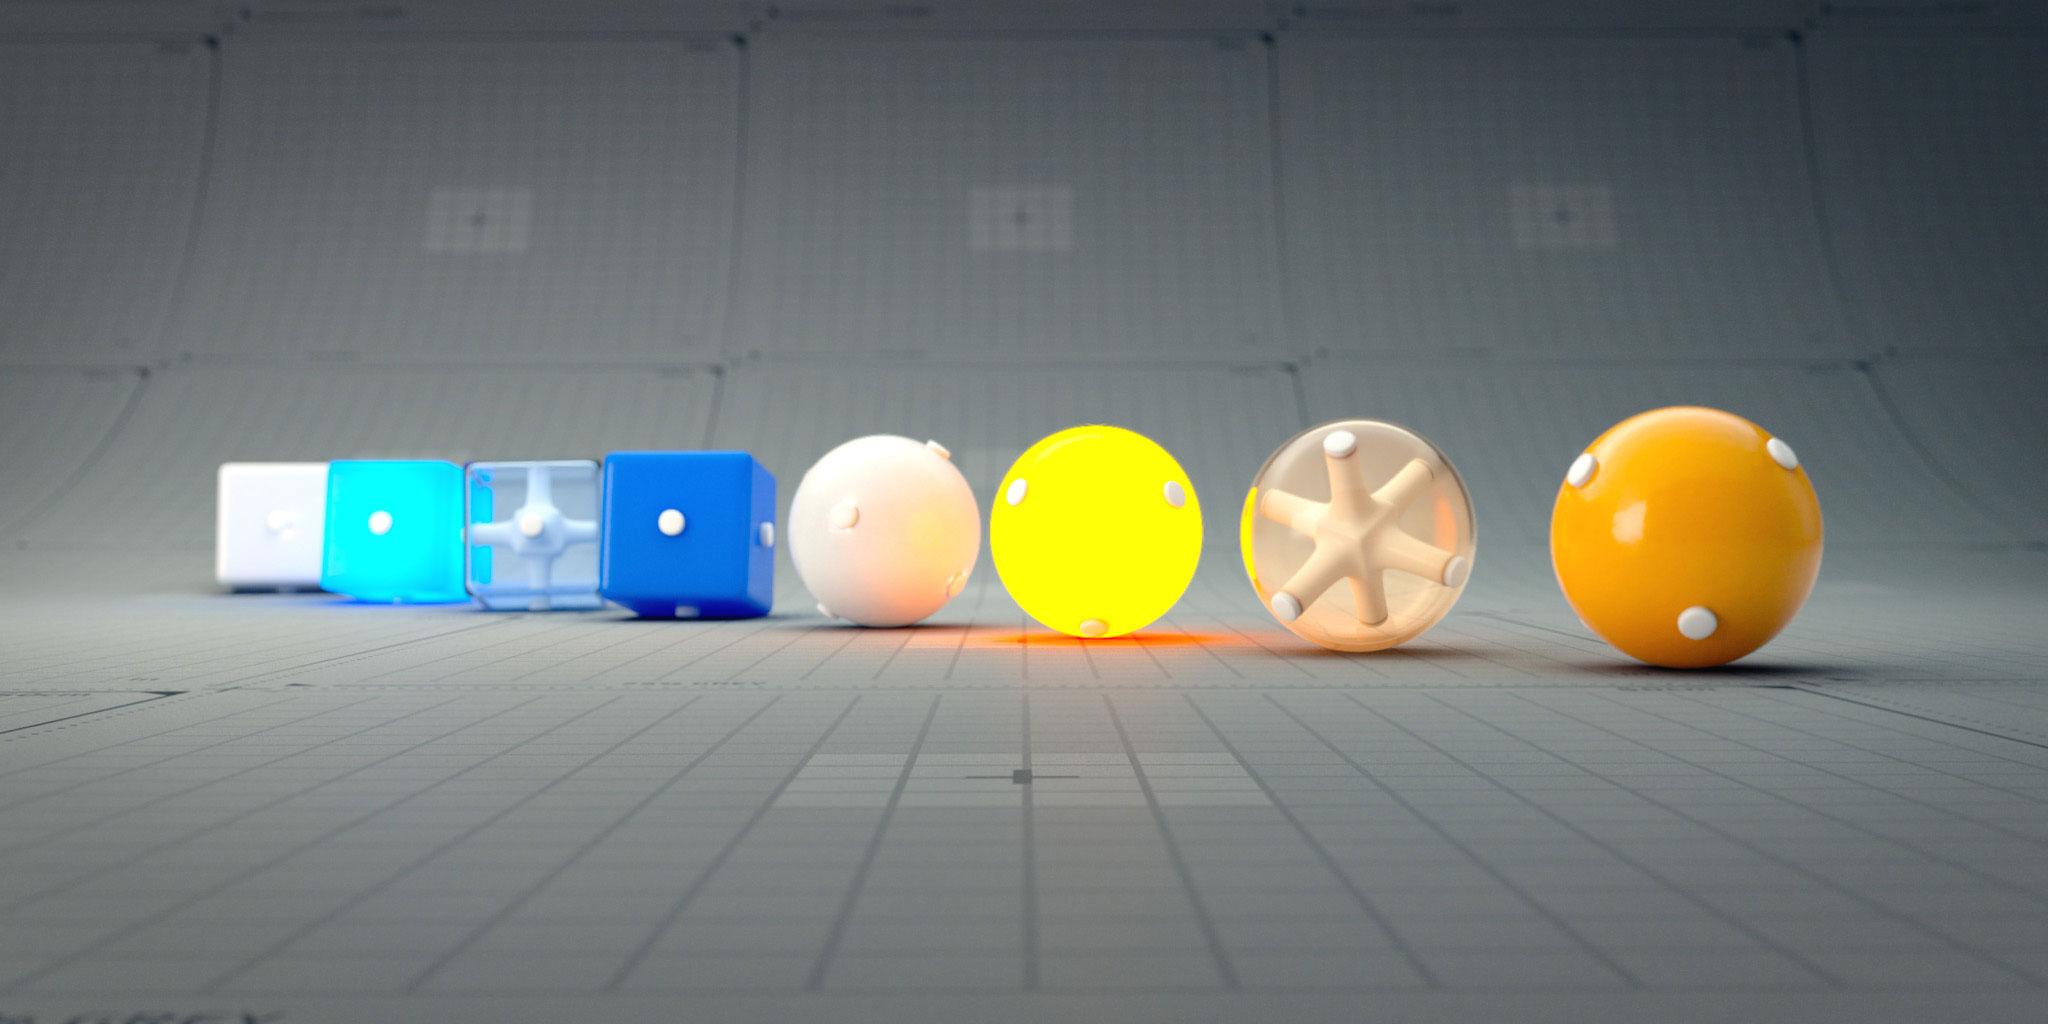 Lenses for 3D render